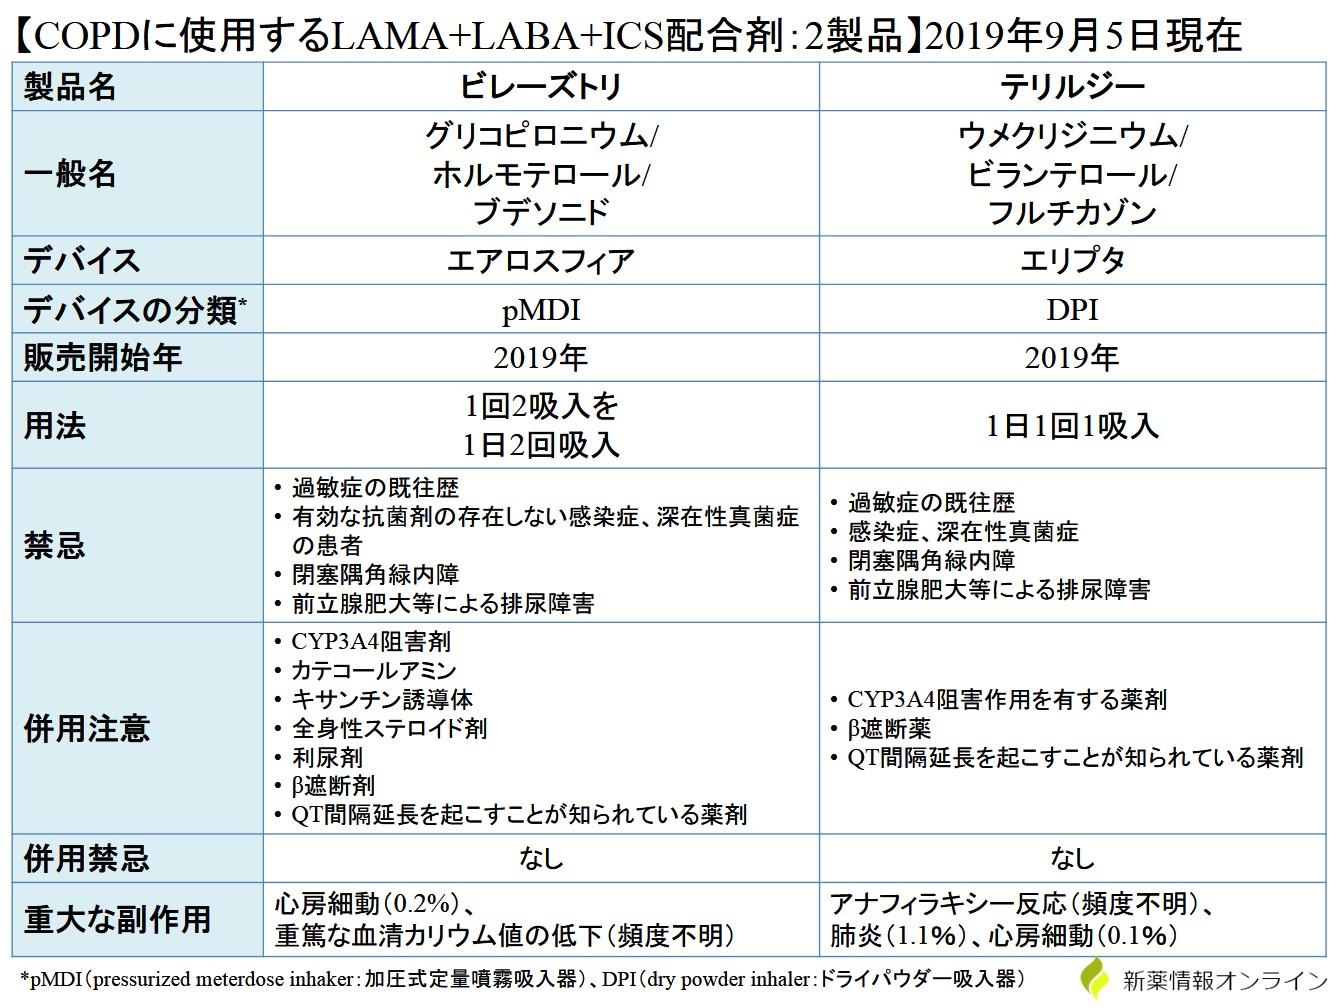 COPDに使用するLAMA+LABA+ICSの比較・一覧表:ビレーズトリとテリルジーの違い